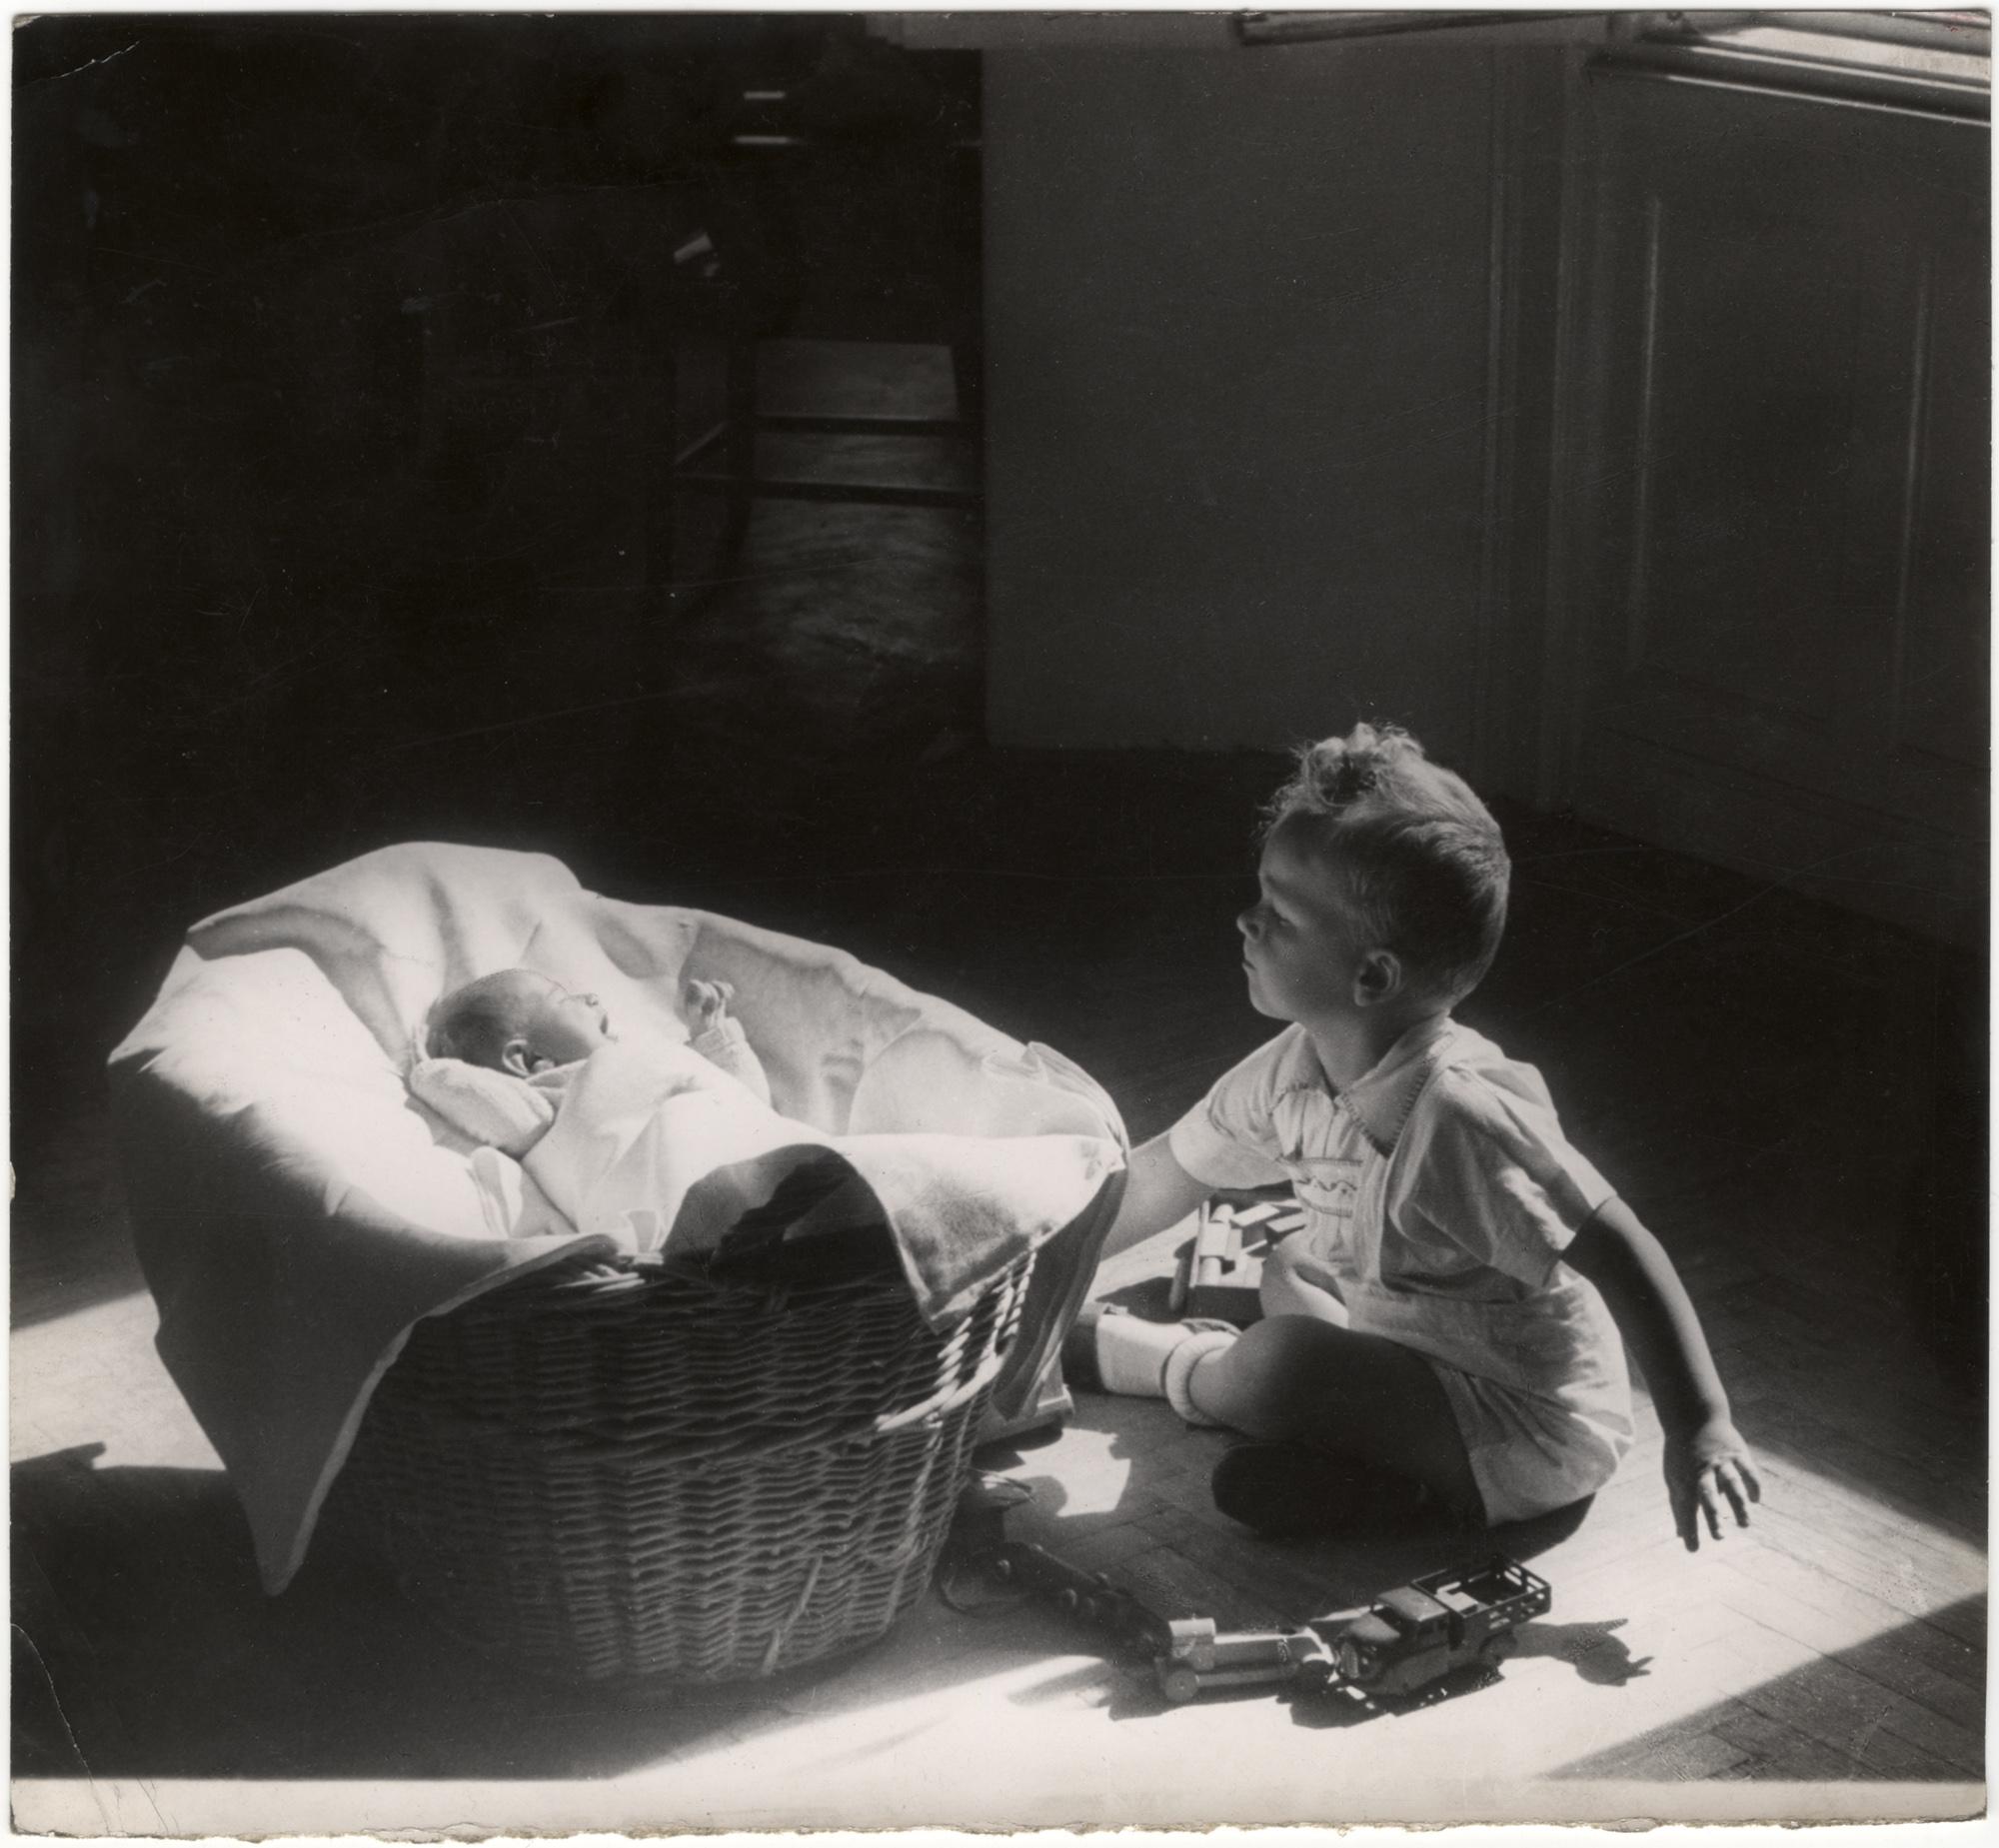 Fotó: Reismann Marian: Figyelem (csecsemõ kosárban, mellette kisfiú ül), 1960 © Magyar Fotográfiai Múzeum